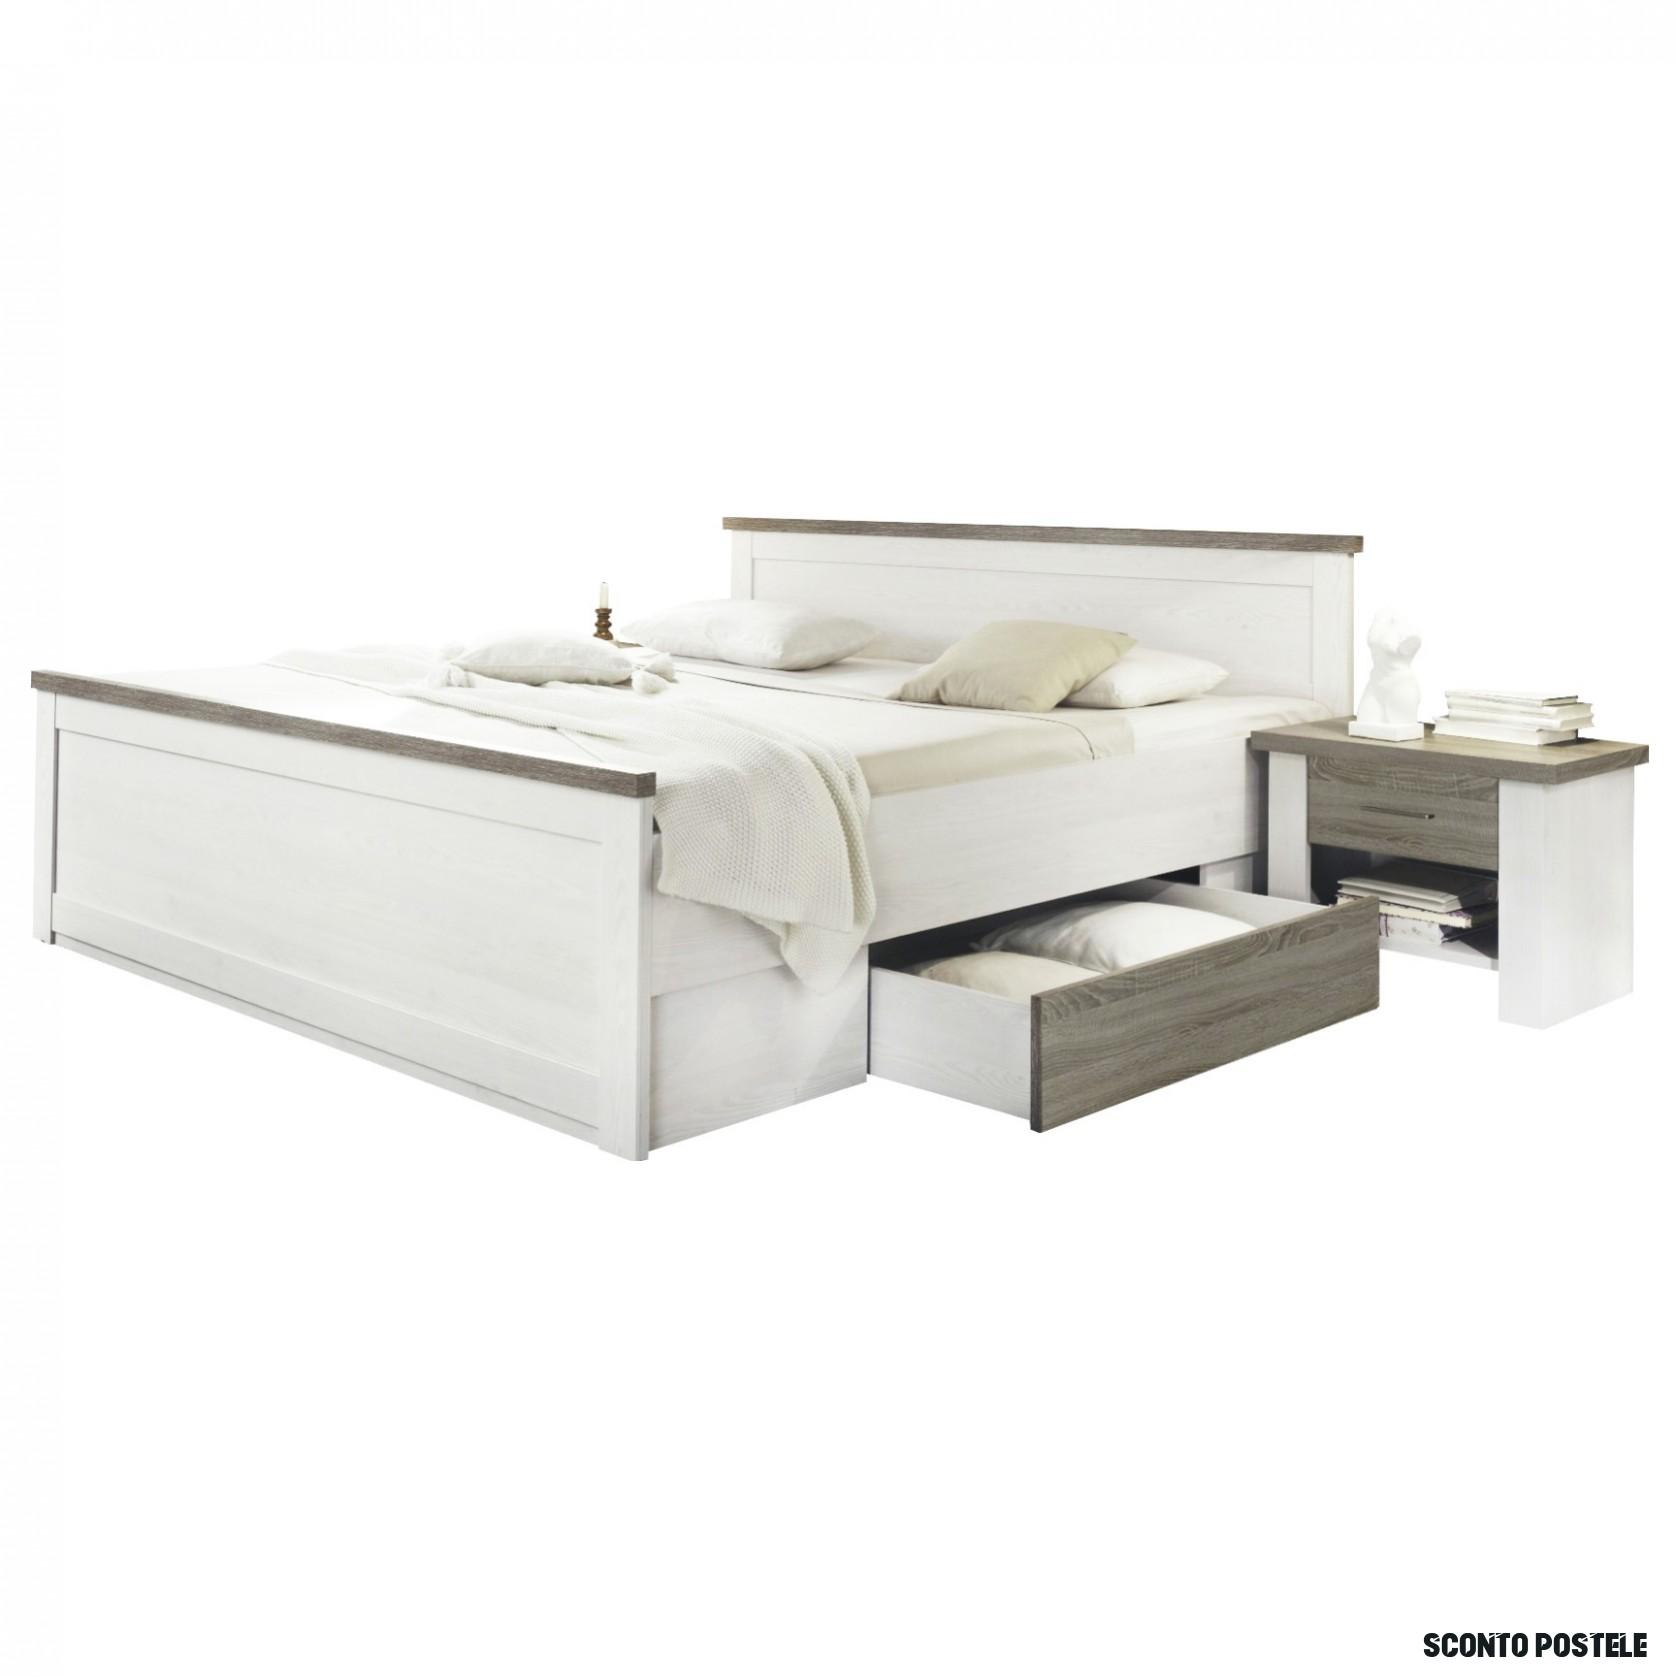 Posteľ s nočnými stolíkmi PARVATI biela, 8x8 cm  Sconto